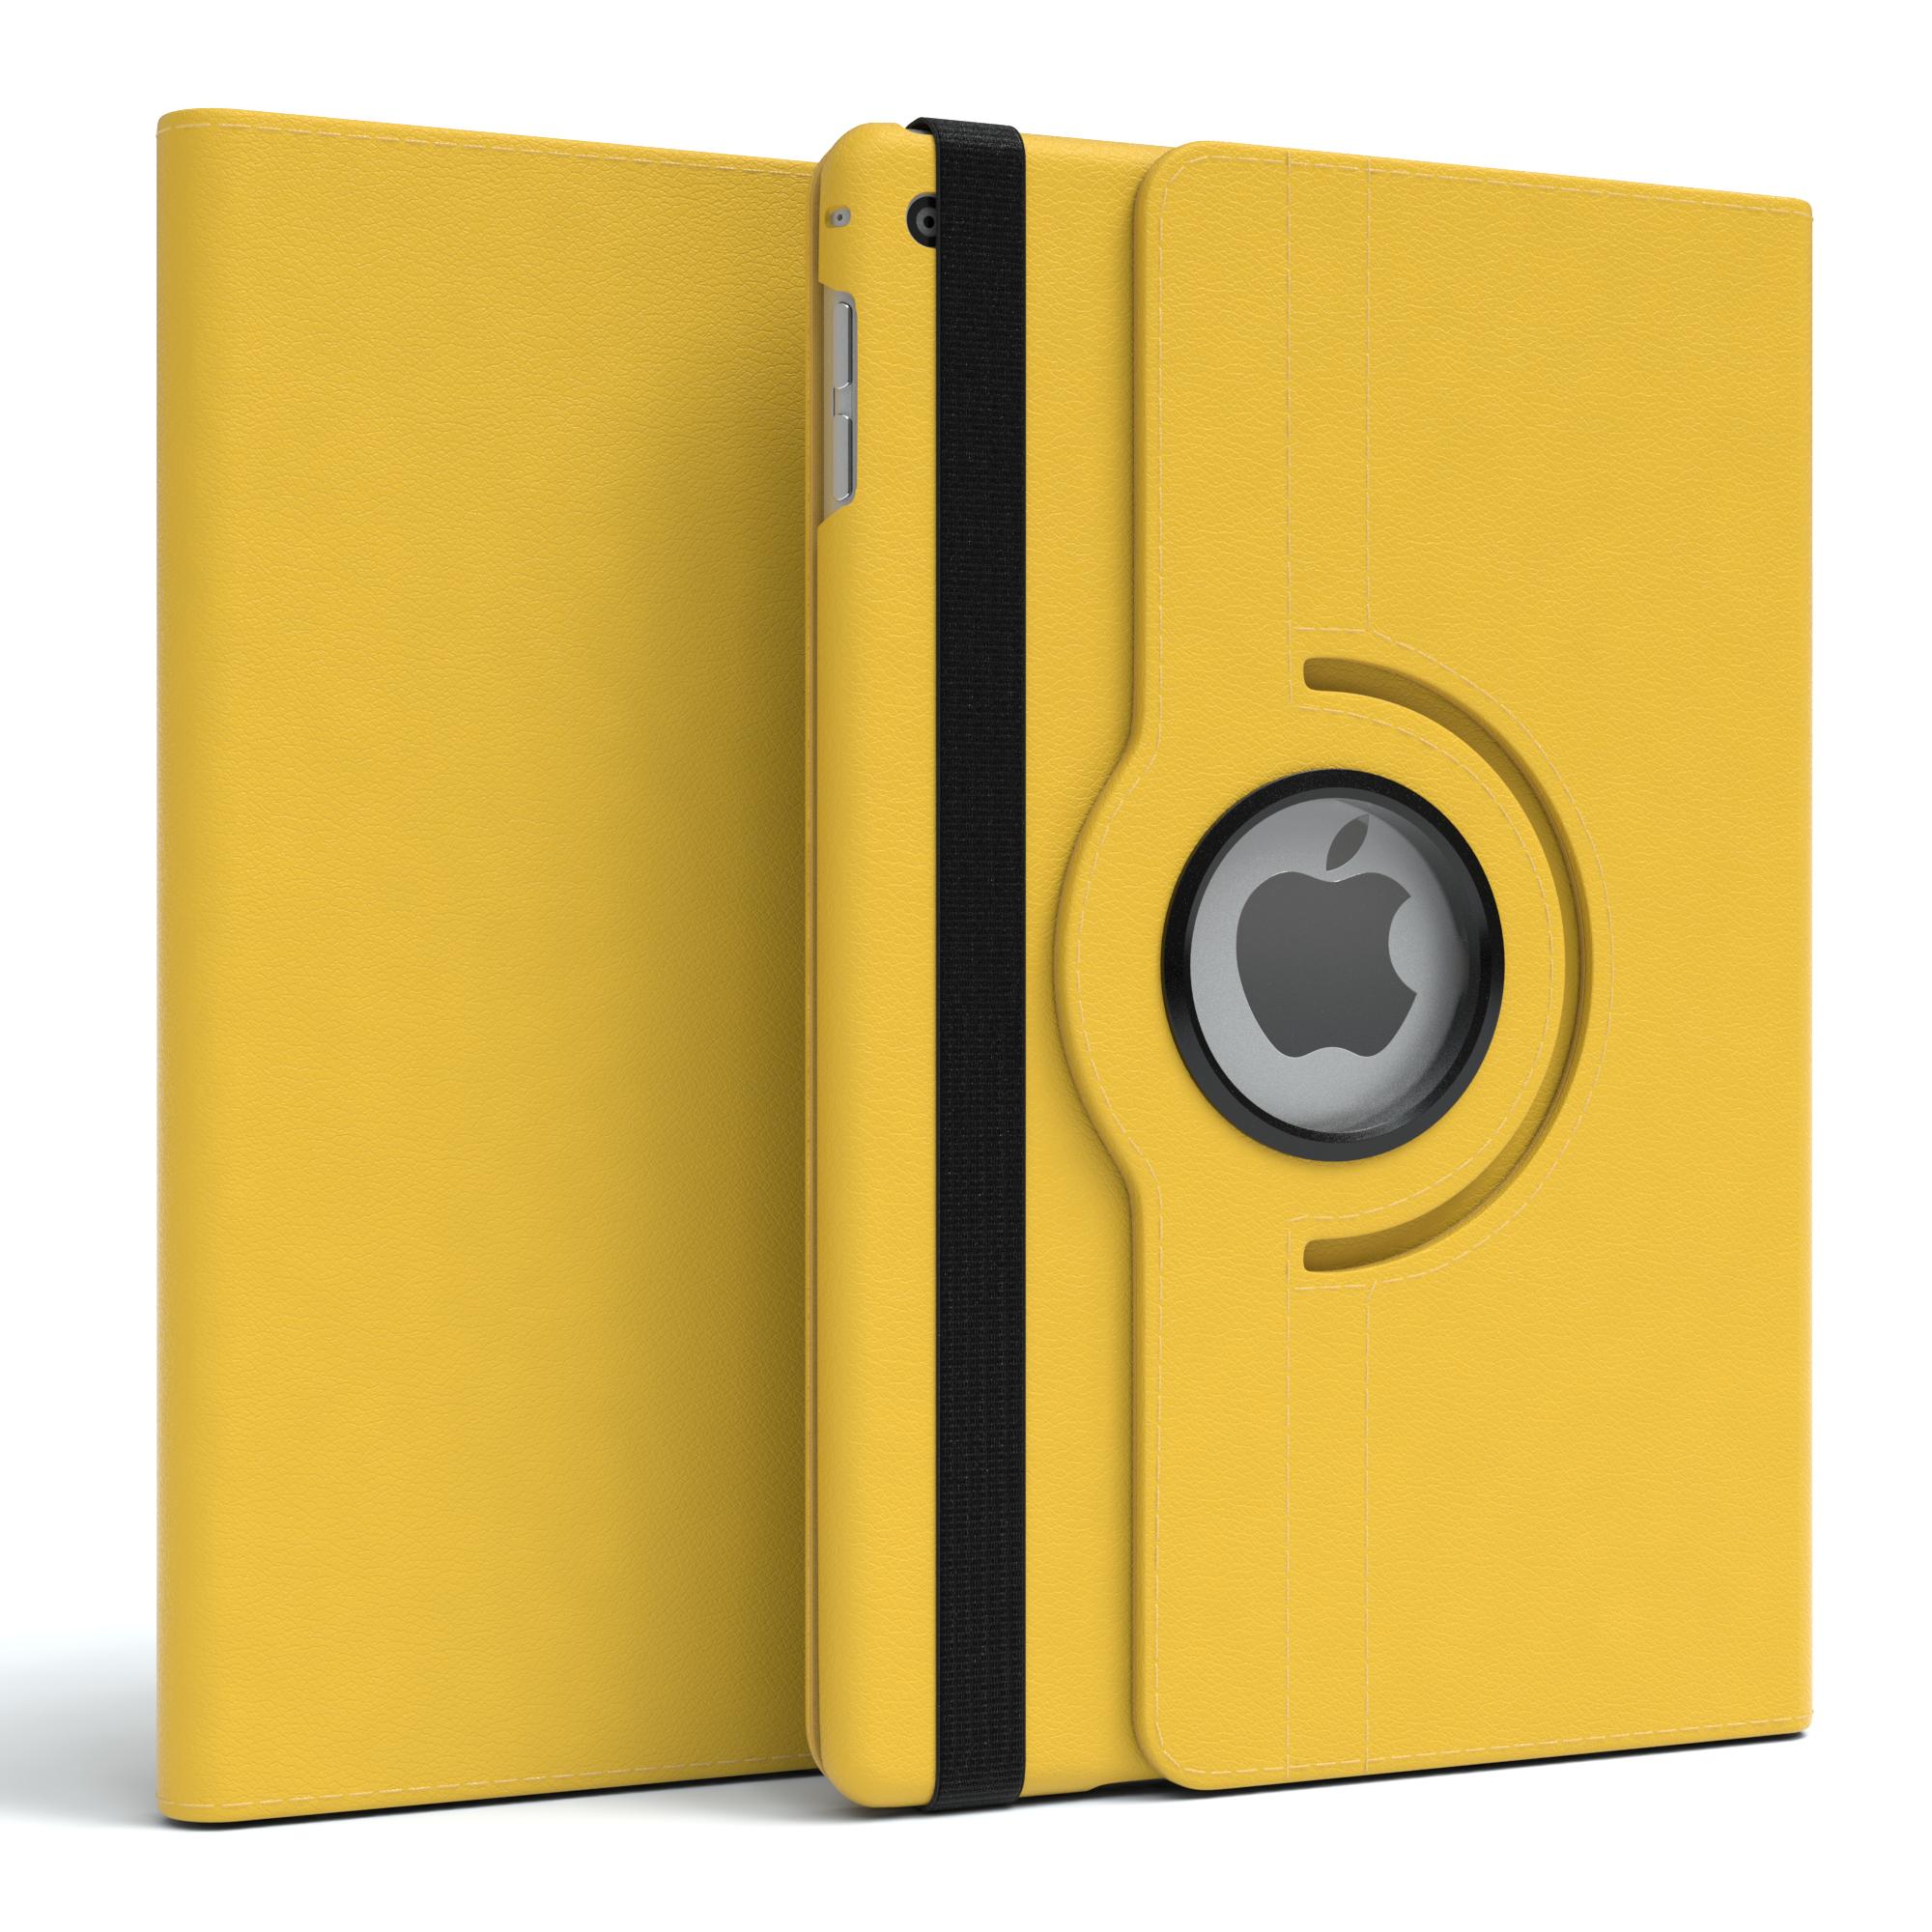 Tasche-fuer-Apple-iPad-Smart-Case-Schutz-Huelle-Etui-Tasche-Bumper-Flip-Cover-360 Indexbild 22